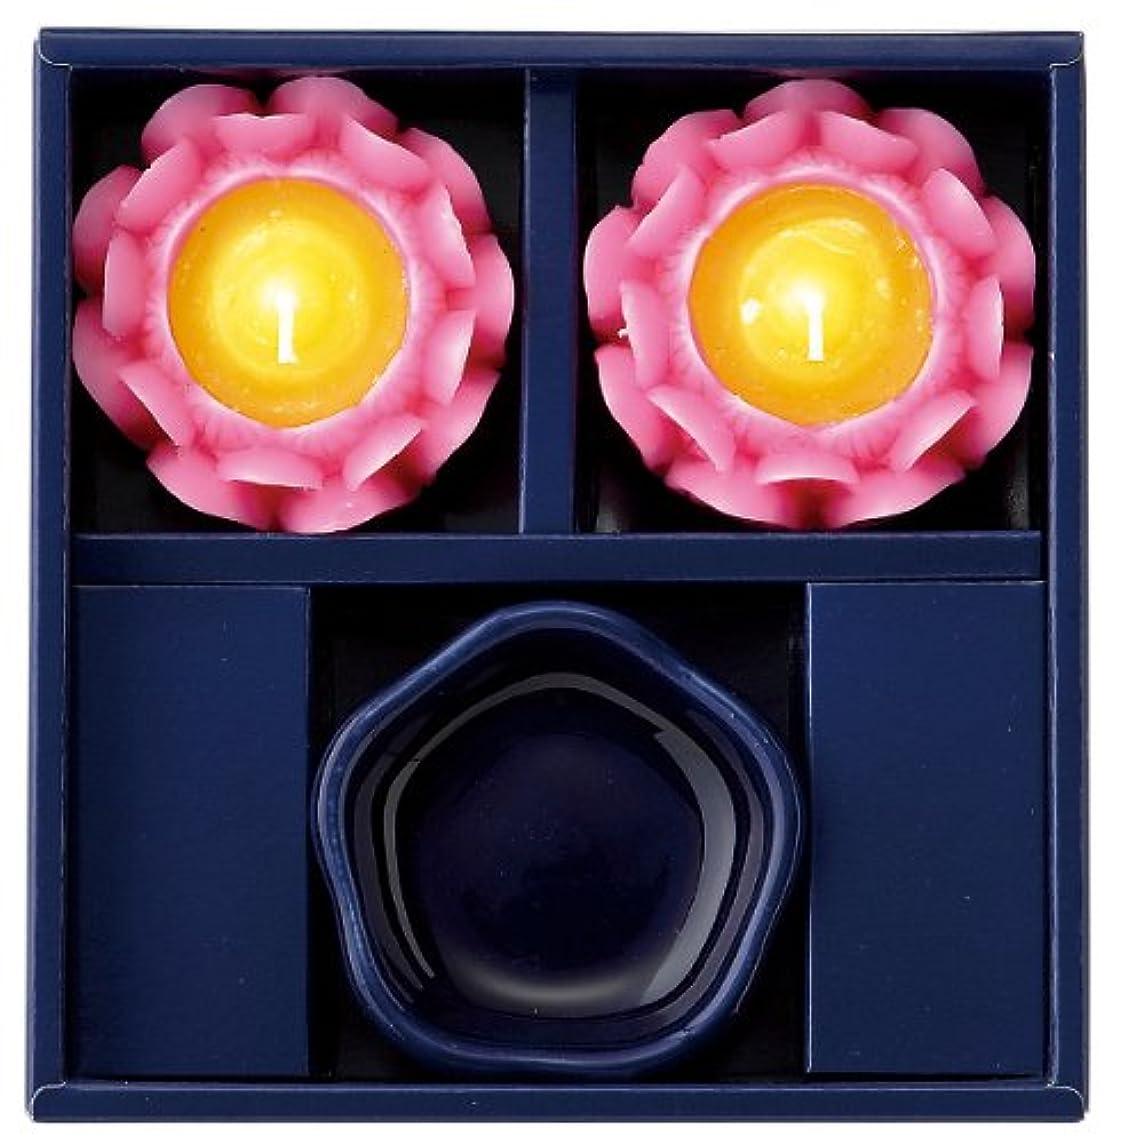 ペイントシャープ鉛筆マルエス 蓮の花進物セット ピンク